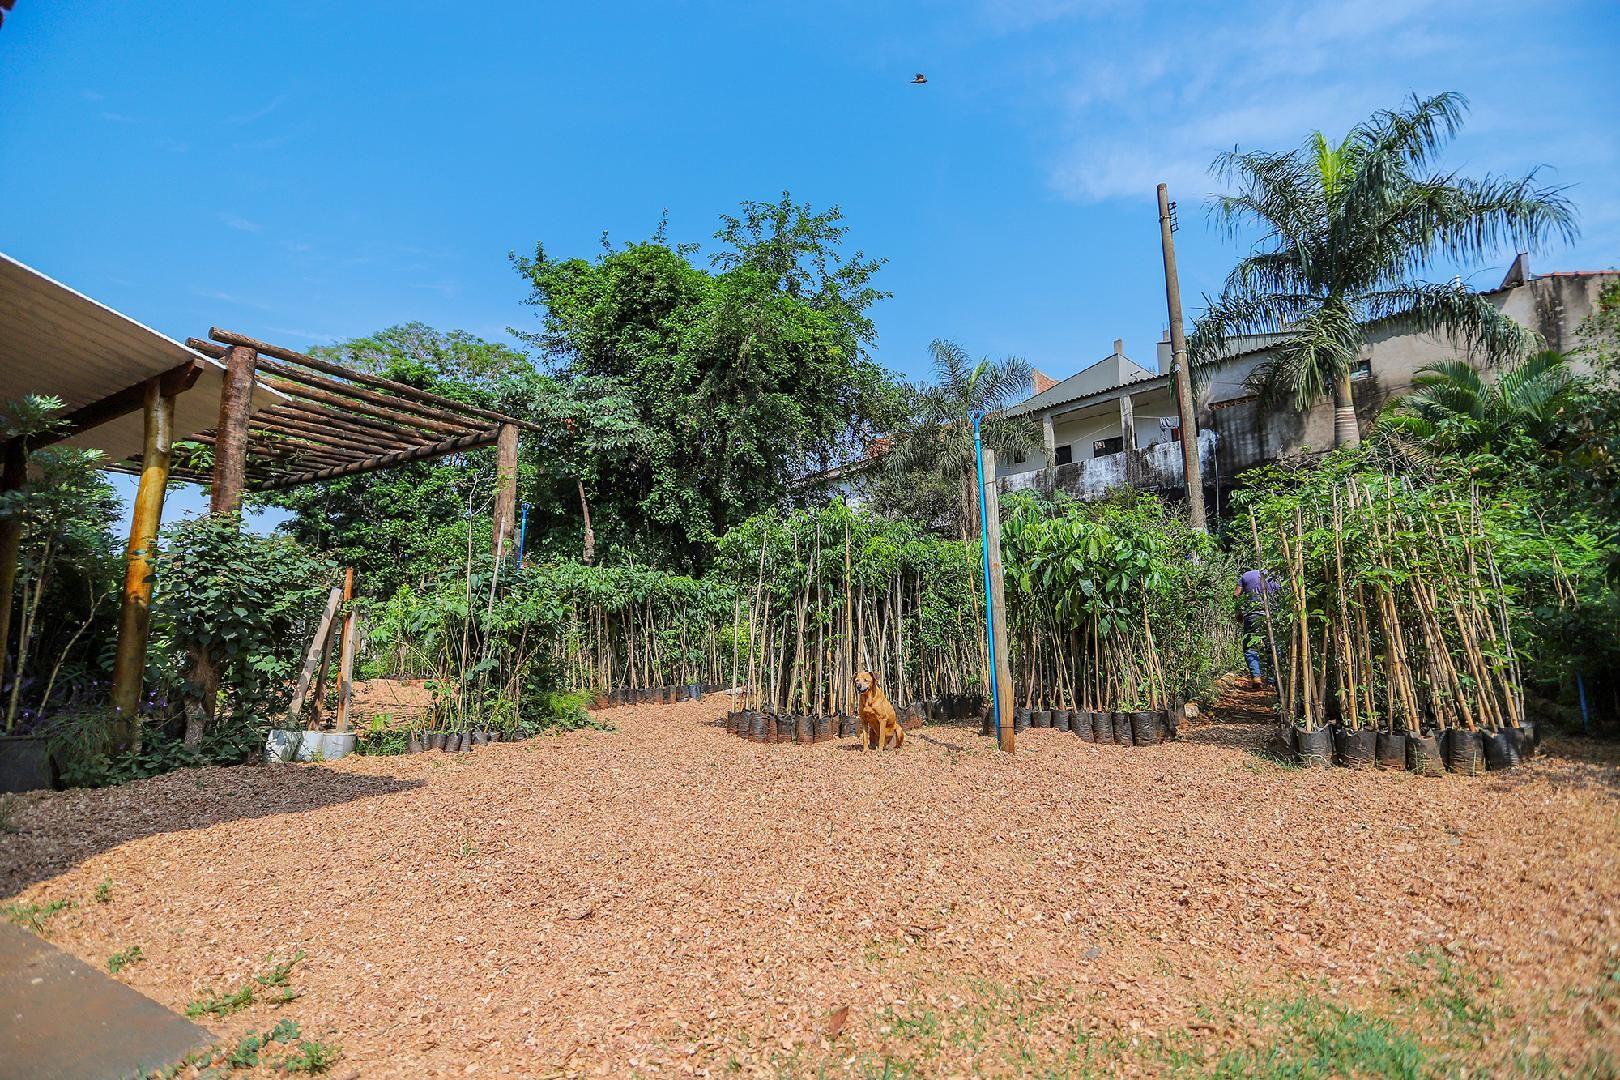 Revide, Horto Municipal faz doações de mudas para arborizar Ribeirão Preto , Meio ambiente, Ribeirão Preto, regularização ambientar, atualidades